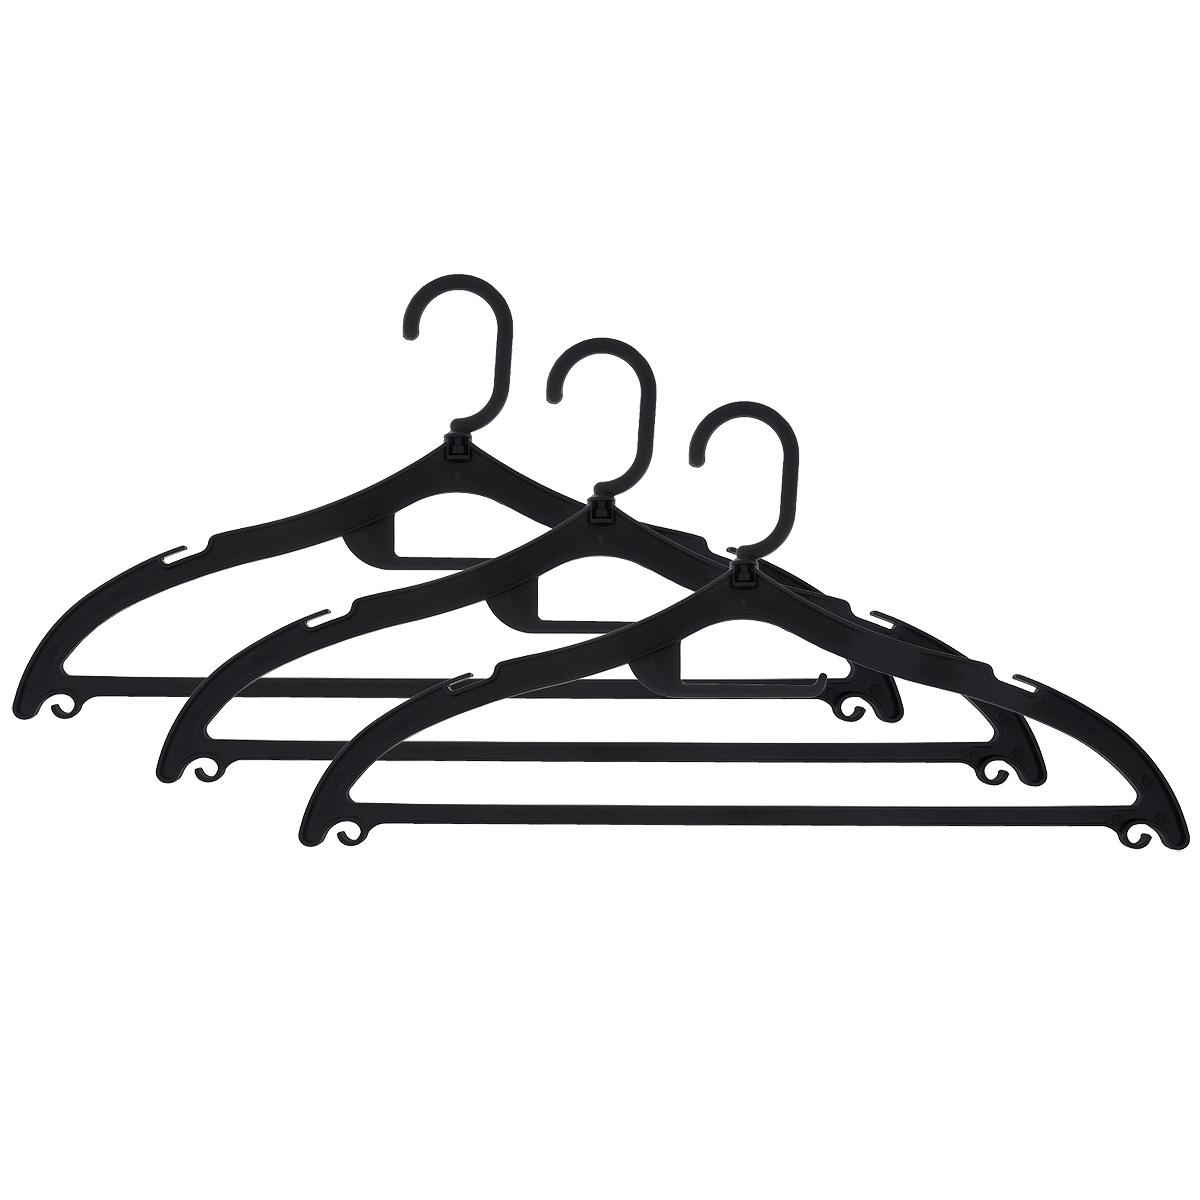 Набор вешалок Полимербыт, с перекладиной, с крючками, цвет: черный, размер 48-50, 3 шт. С32212723Набор Полимербыт, выполненный из прочного пластика, состоит из 3 вешалок.Каждое изделие оснащено перекладиной, боковыми крючками, крючком для галстуков, а также выемками для петелек одежды. Вешалка - это незаменимая вещь для того, чтобы ваша одежда всегда оставалась в хорошем состоянии.Комплектация: 3 шт.Размер одежды: 48-50.